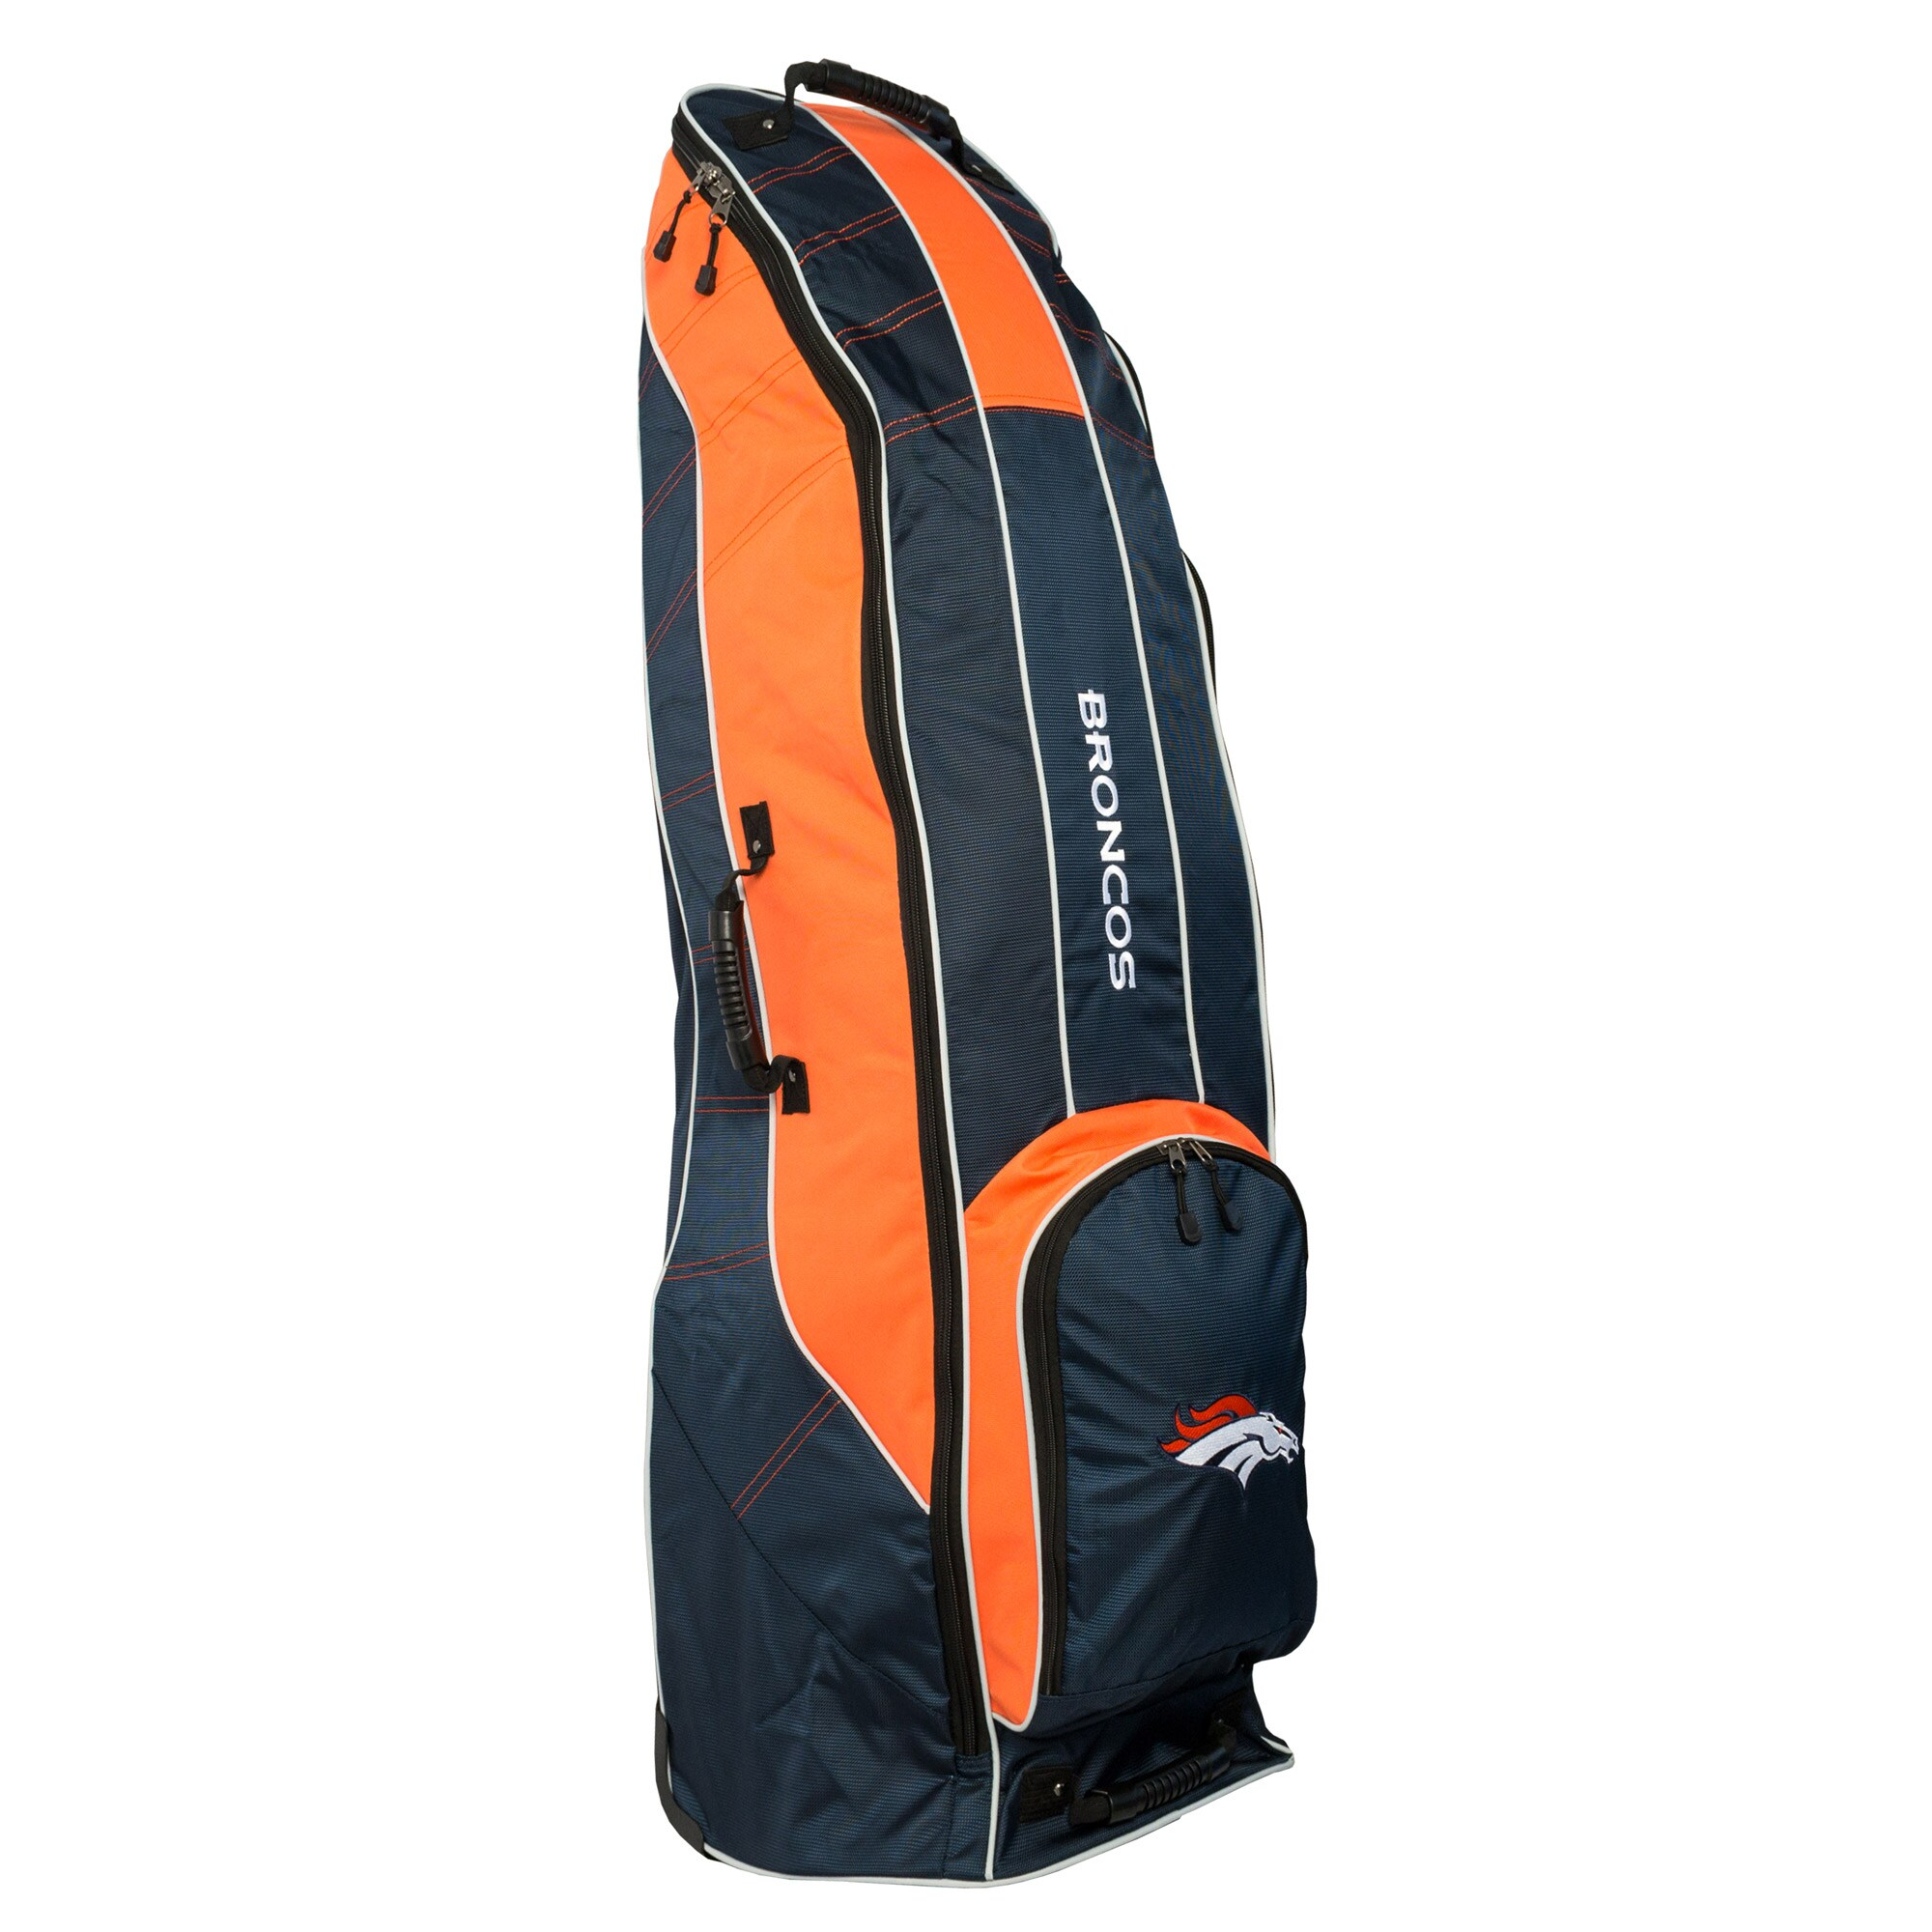 Denver Broncos Team Golf Travel Bag